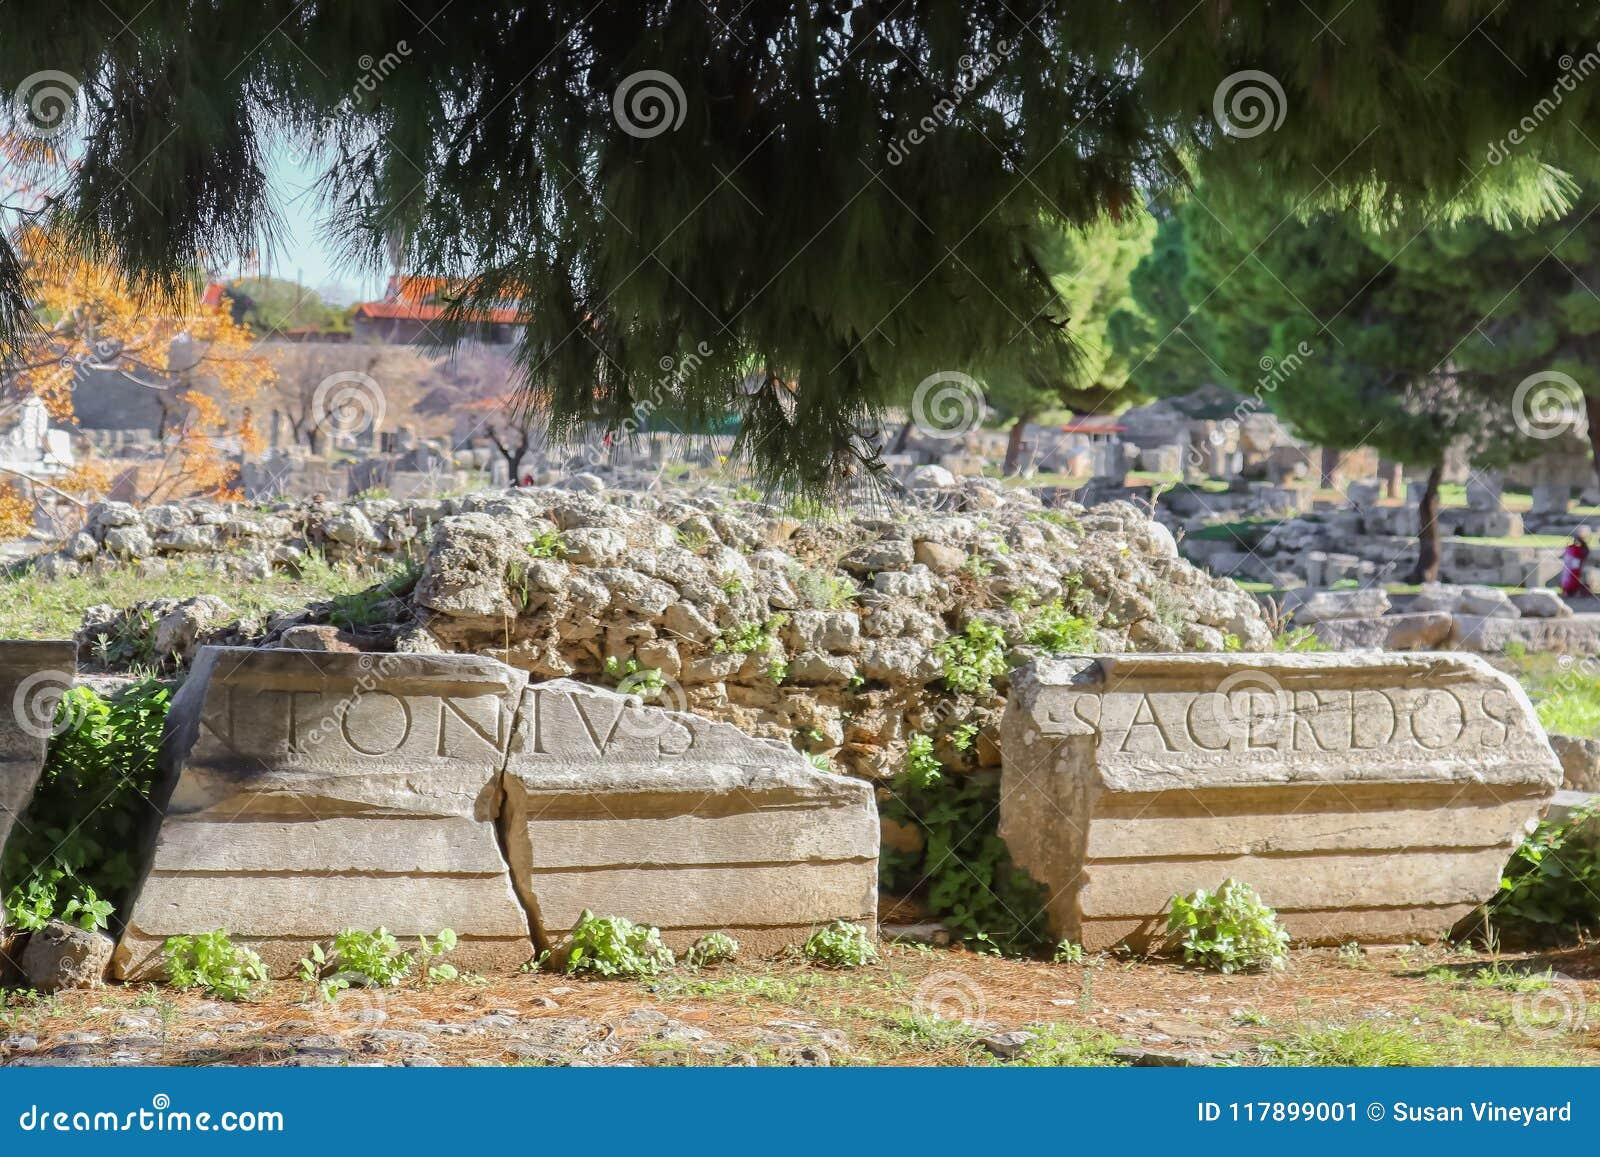 De resten van steen met het Roman schrijven sneden op hen voor puin en onder pijnboombomen in Corinth Griekenland